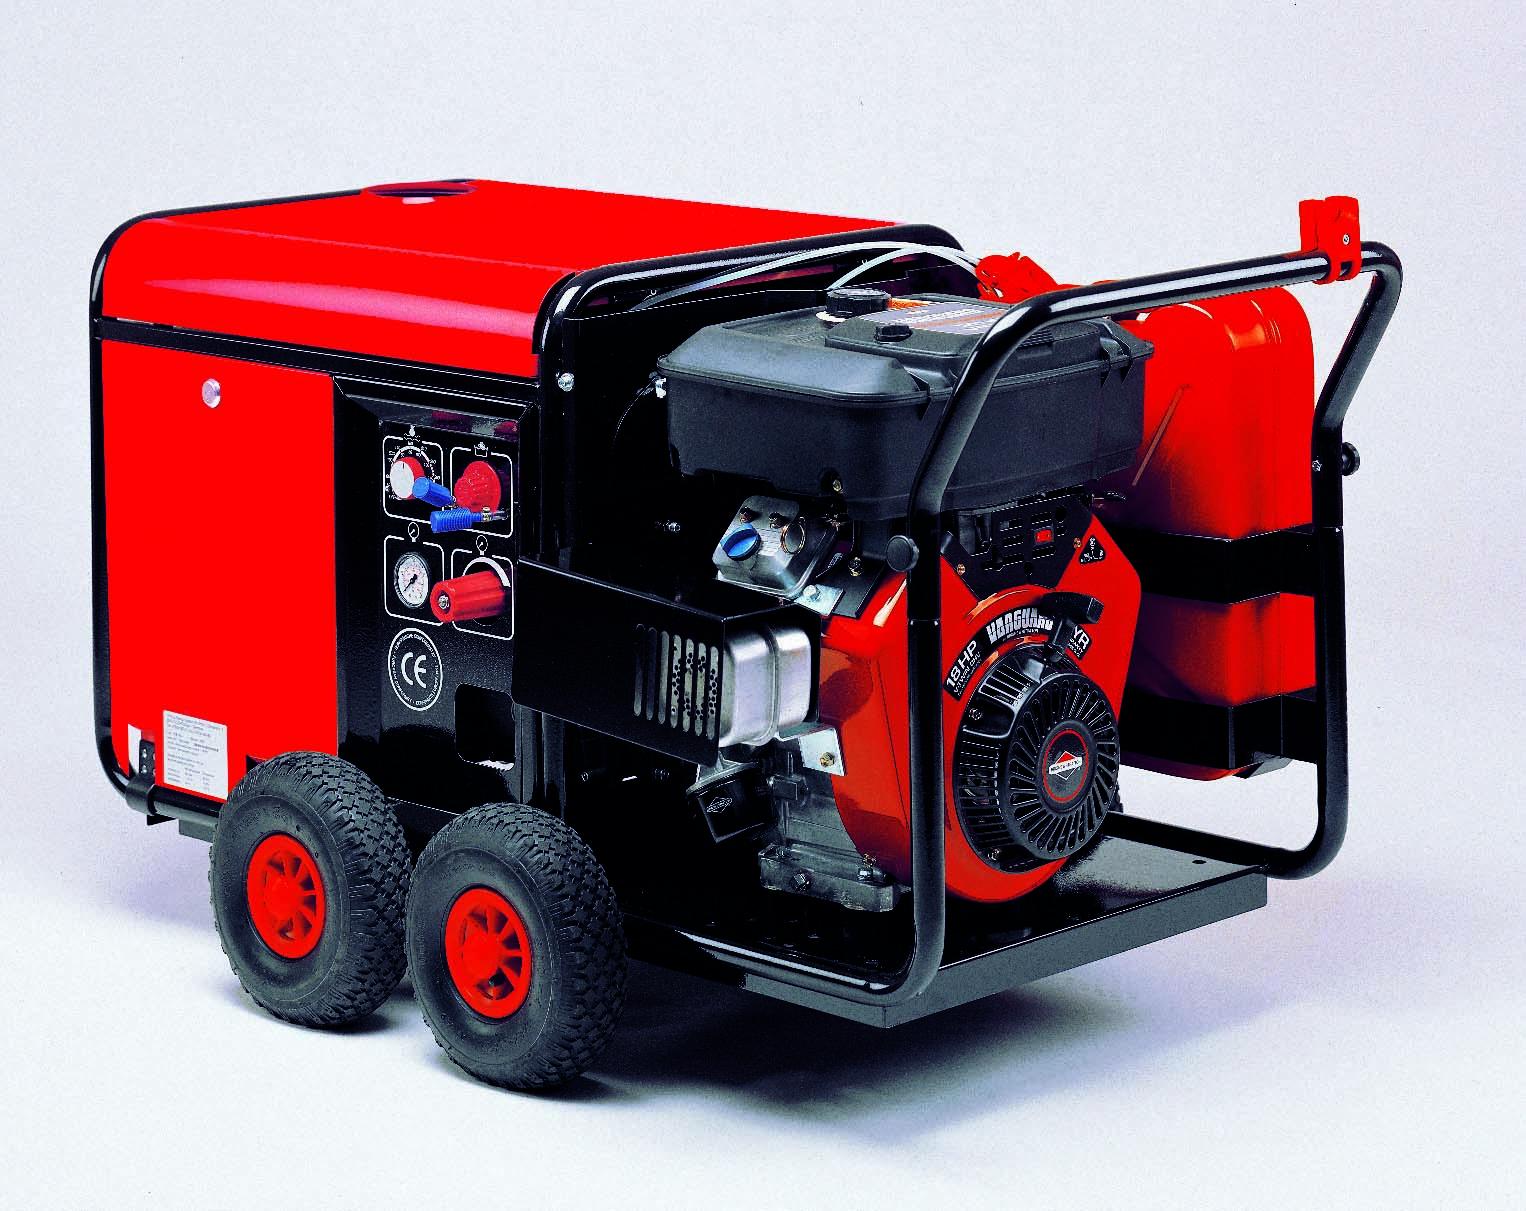 Vysokotlaký horkovodní čistící stroj Ehrle HDB 1240 č.138001